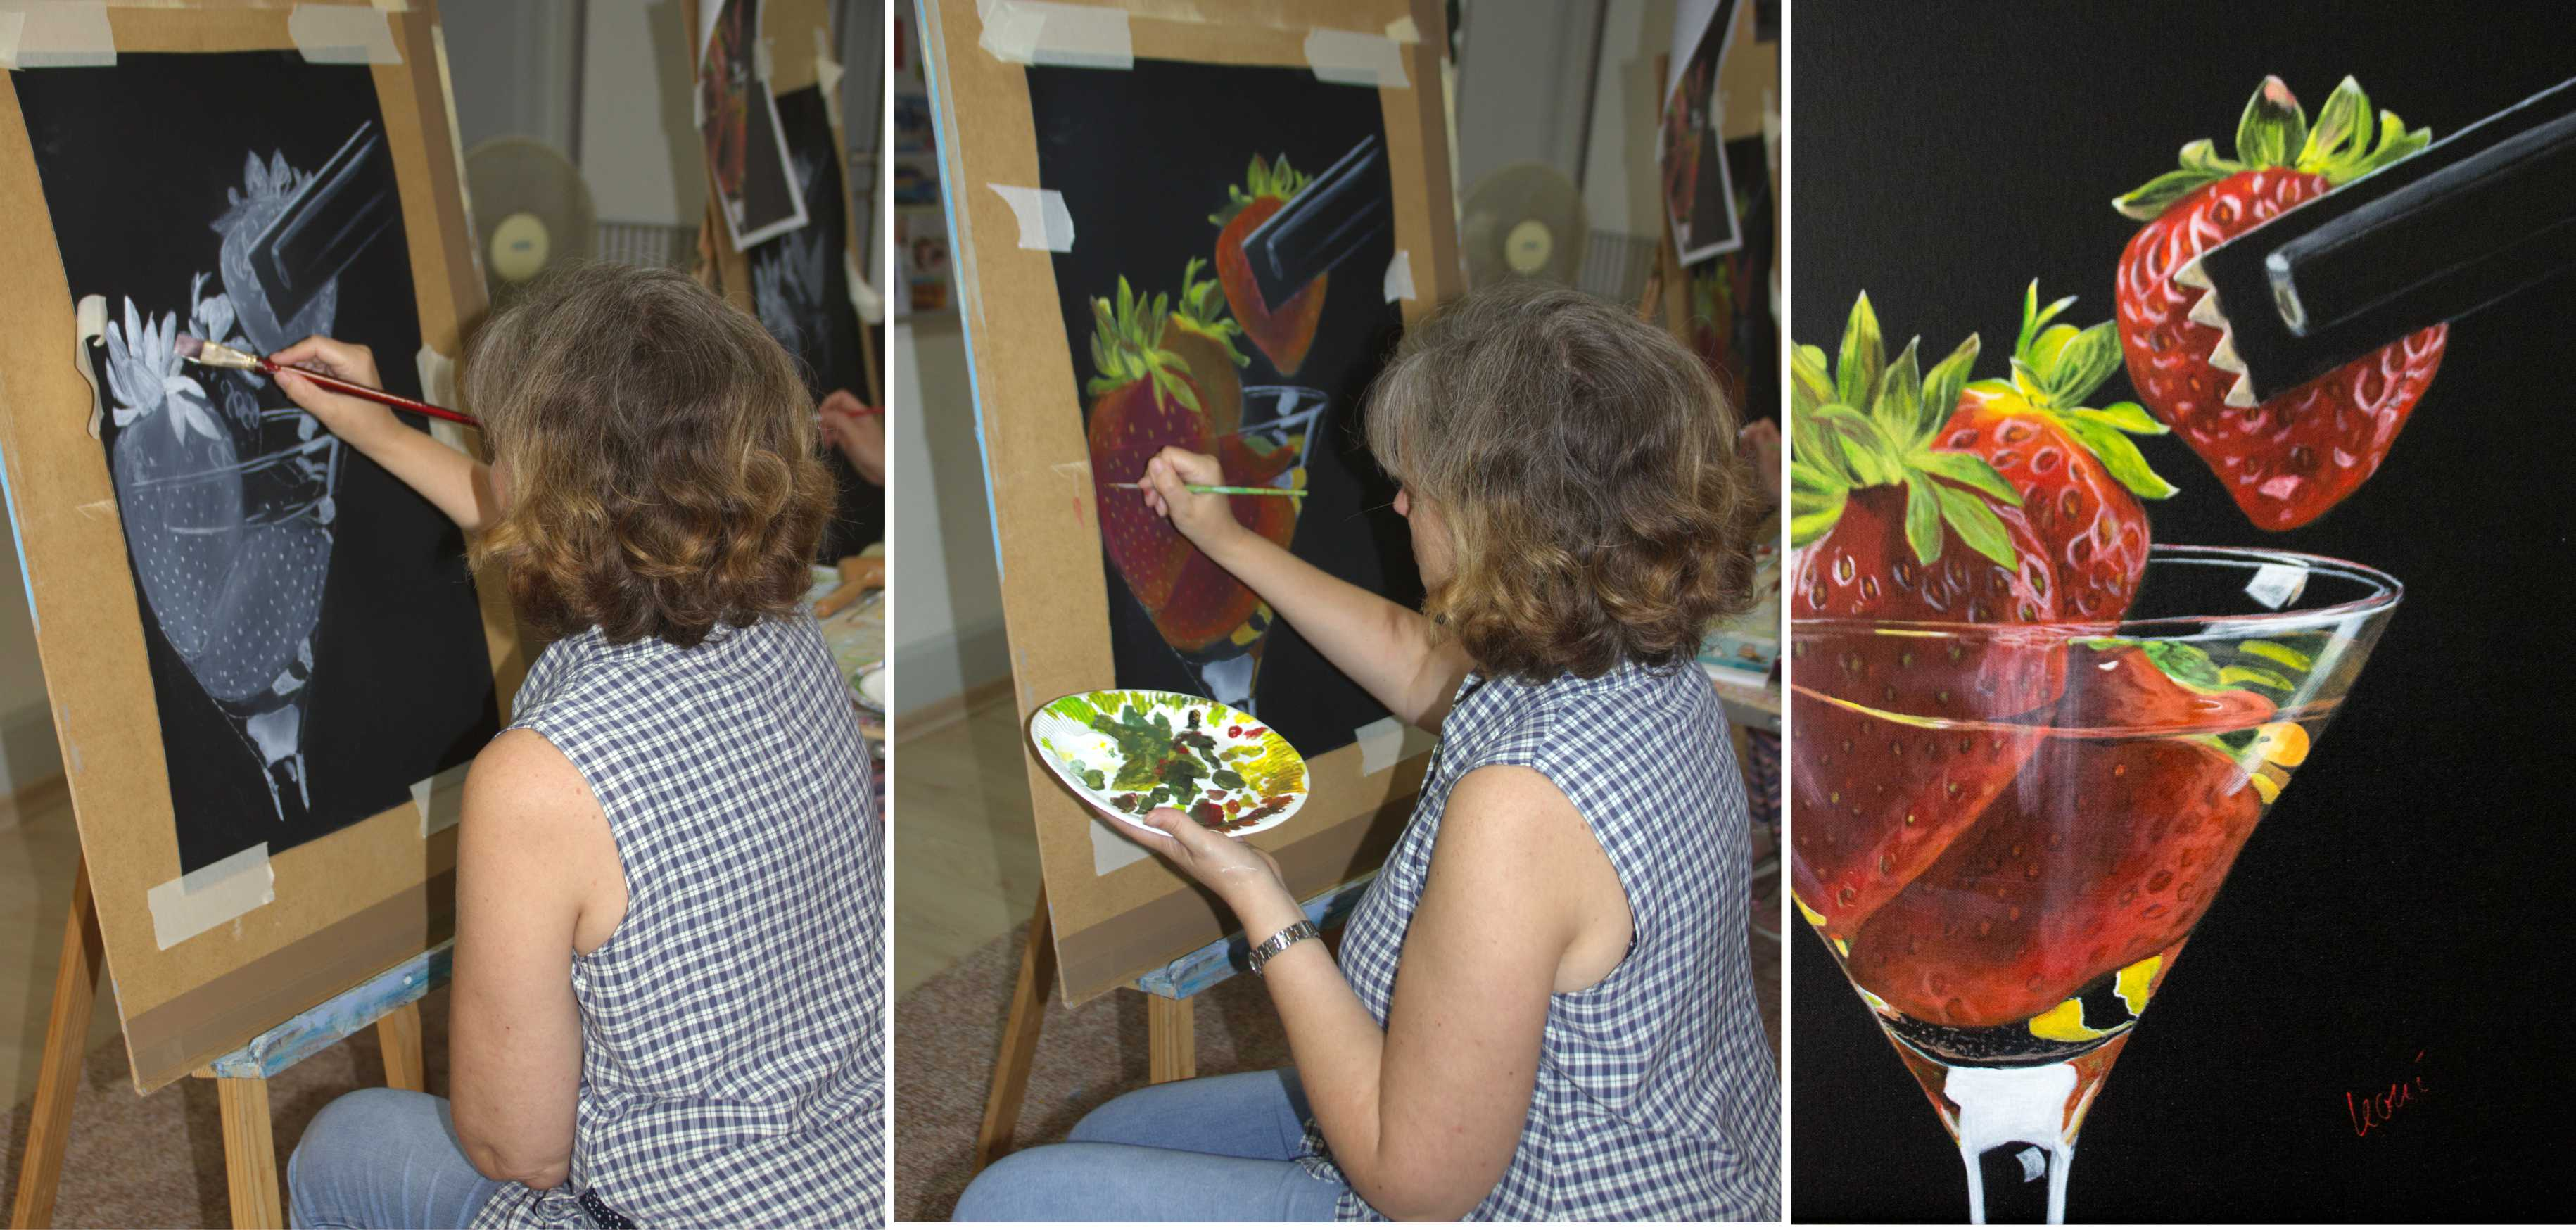 Kurs Stillleben für Künstler, Kunstakademie Wertheim, Akademie für Fotorealismus, Atelier Leoni